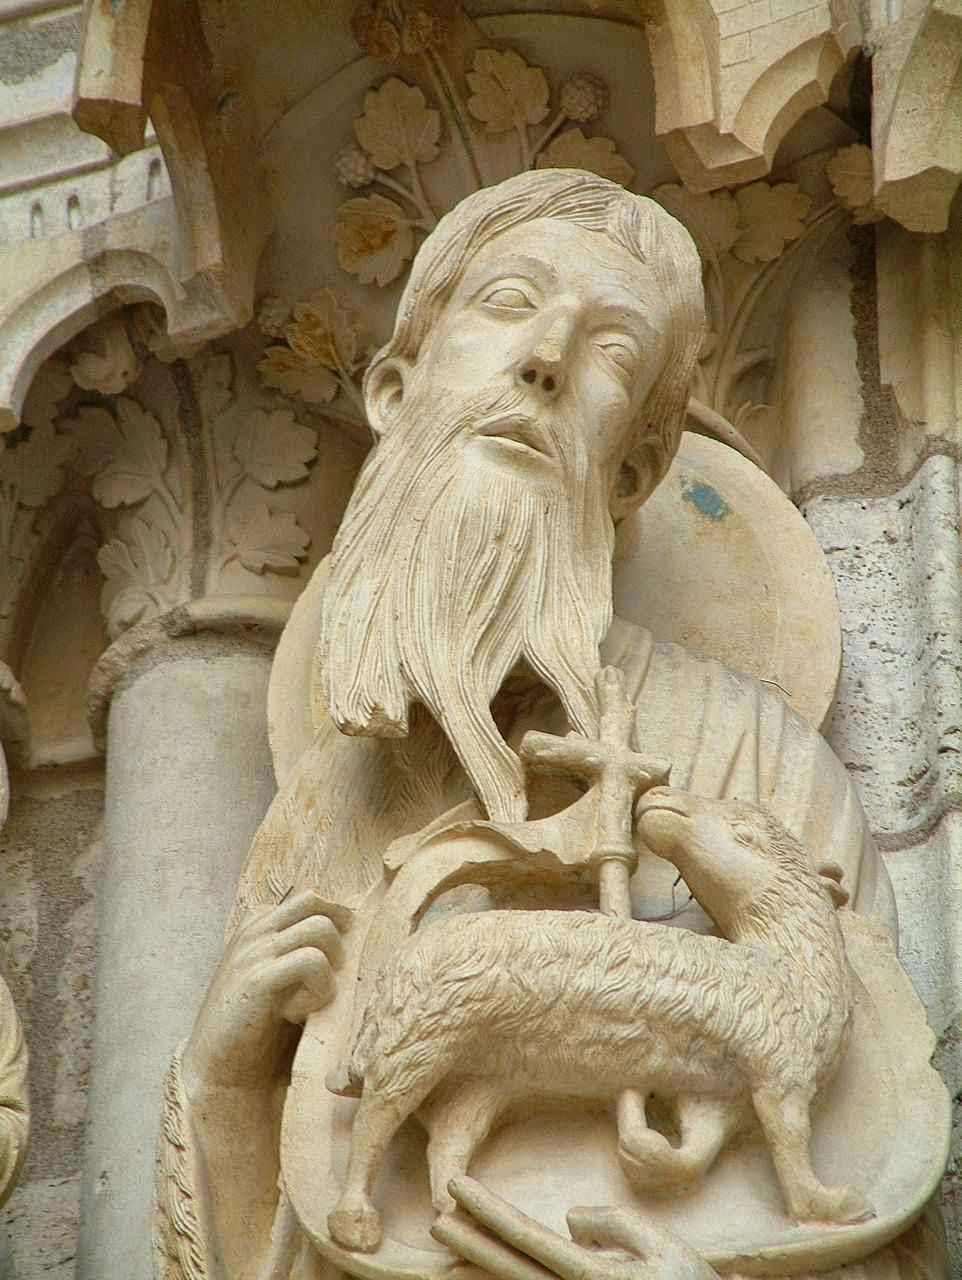 São João Batista anuncia o Cordeiro de Deus: Cristo Catedral de Chartres